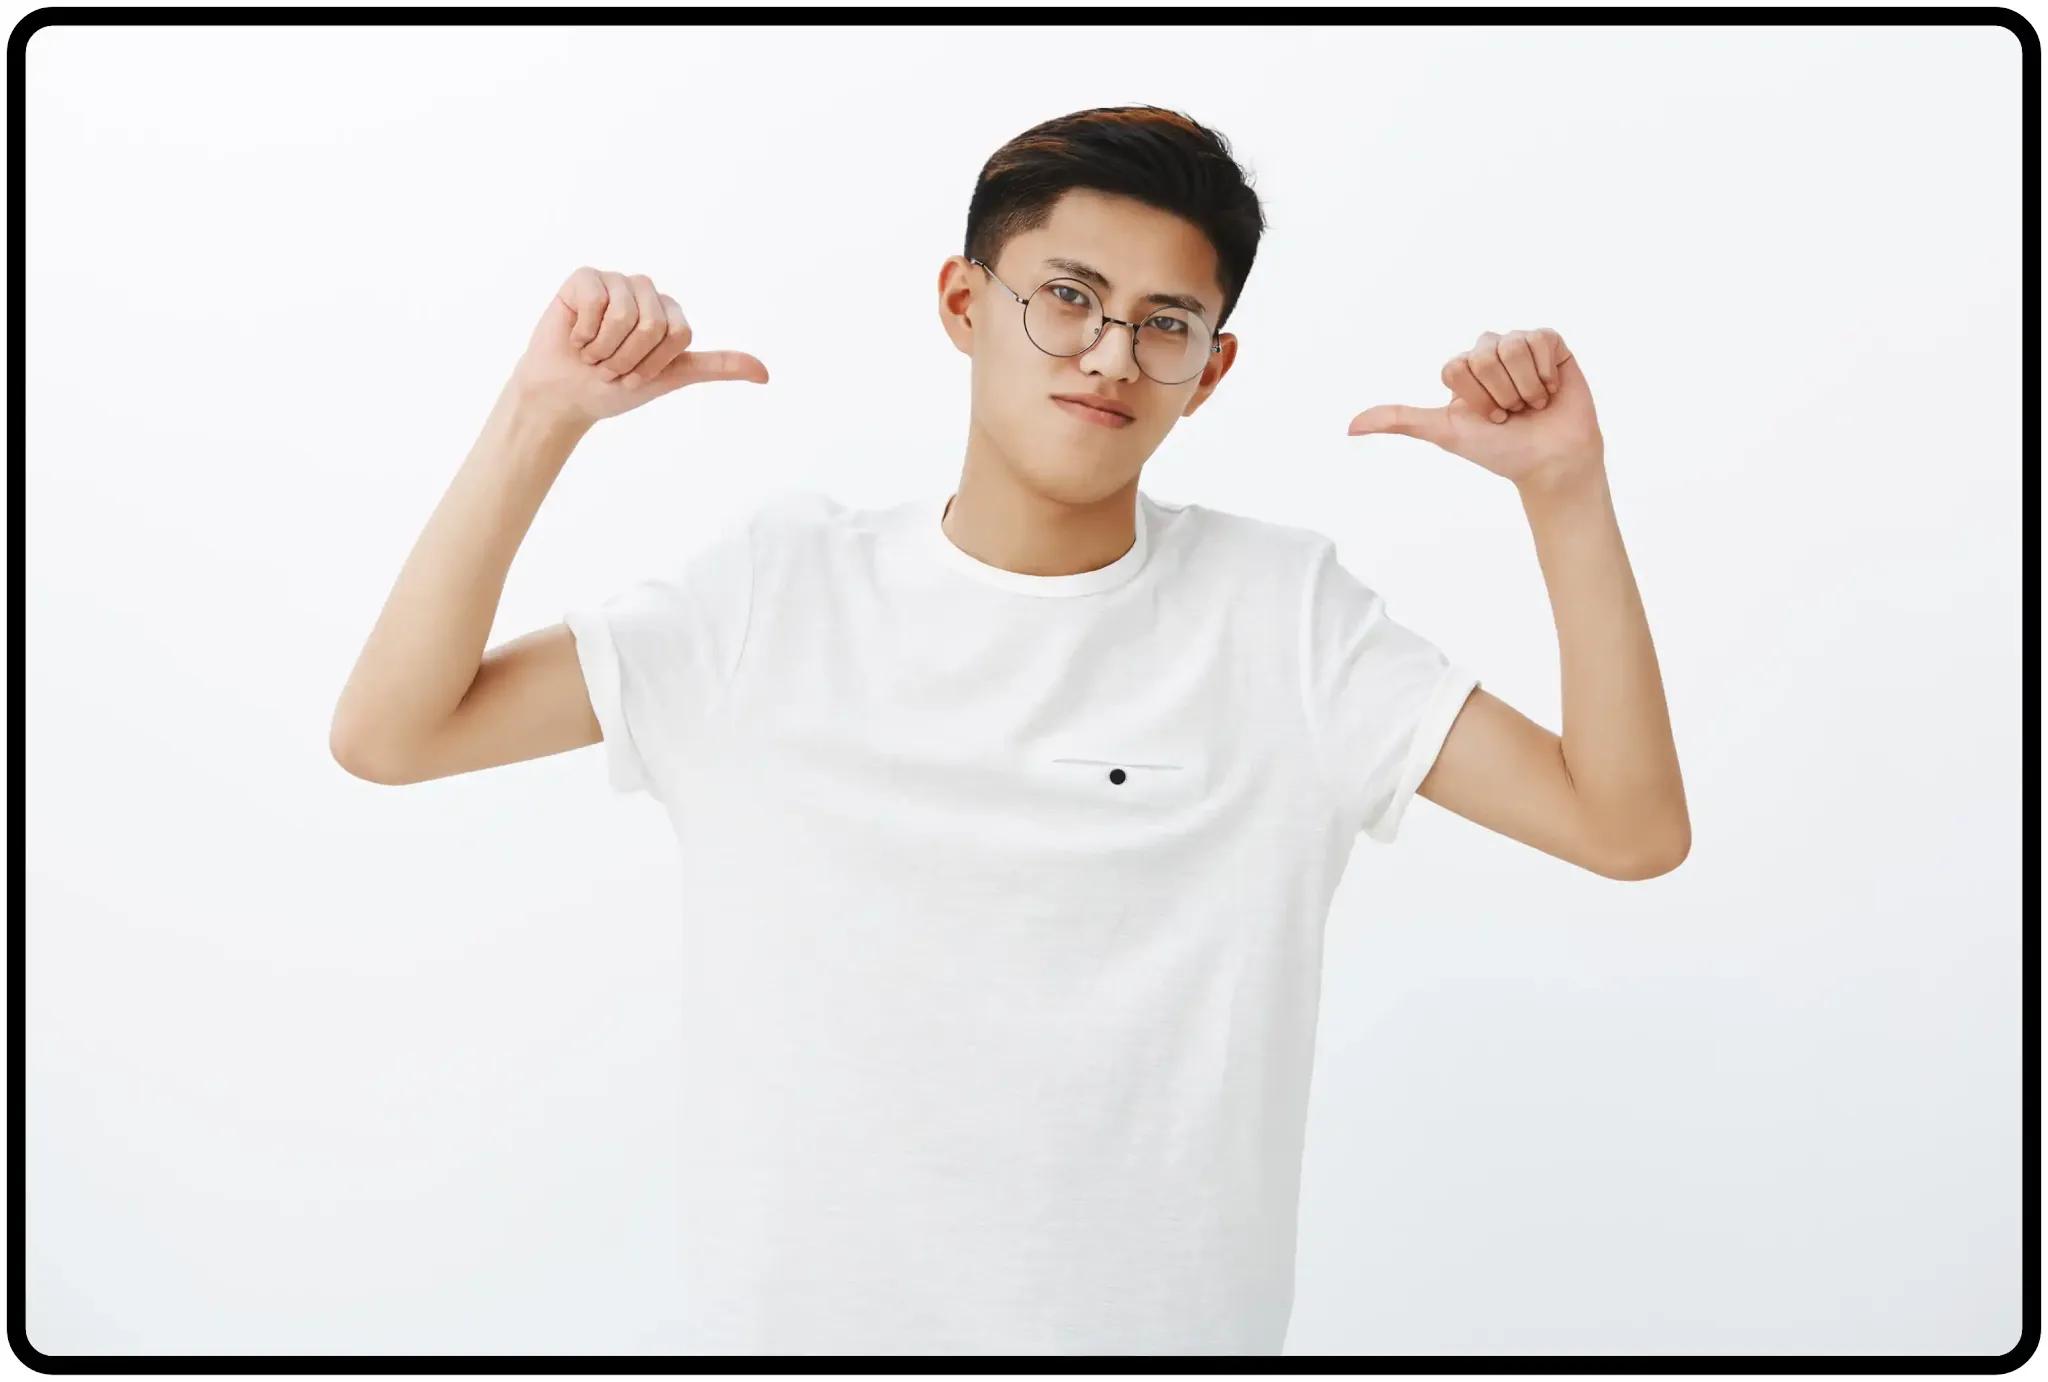 Bad habits - boasting - feeling proud - man with white shirt image